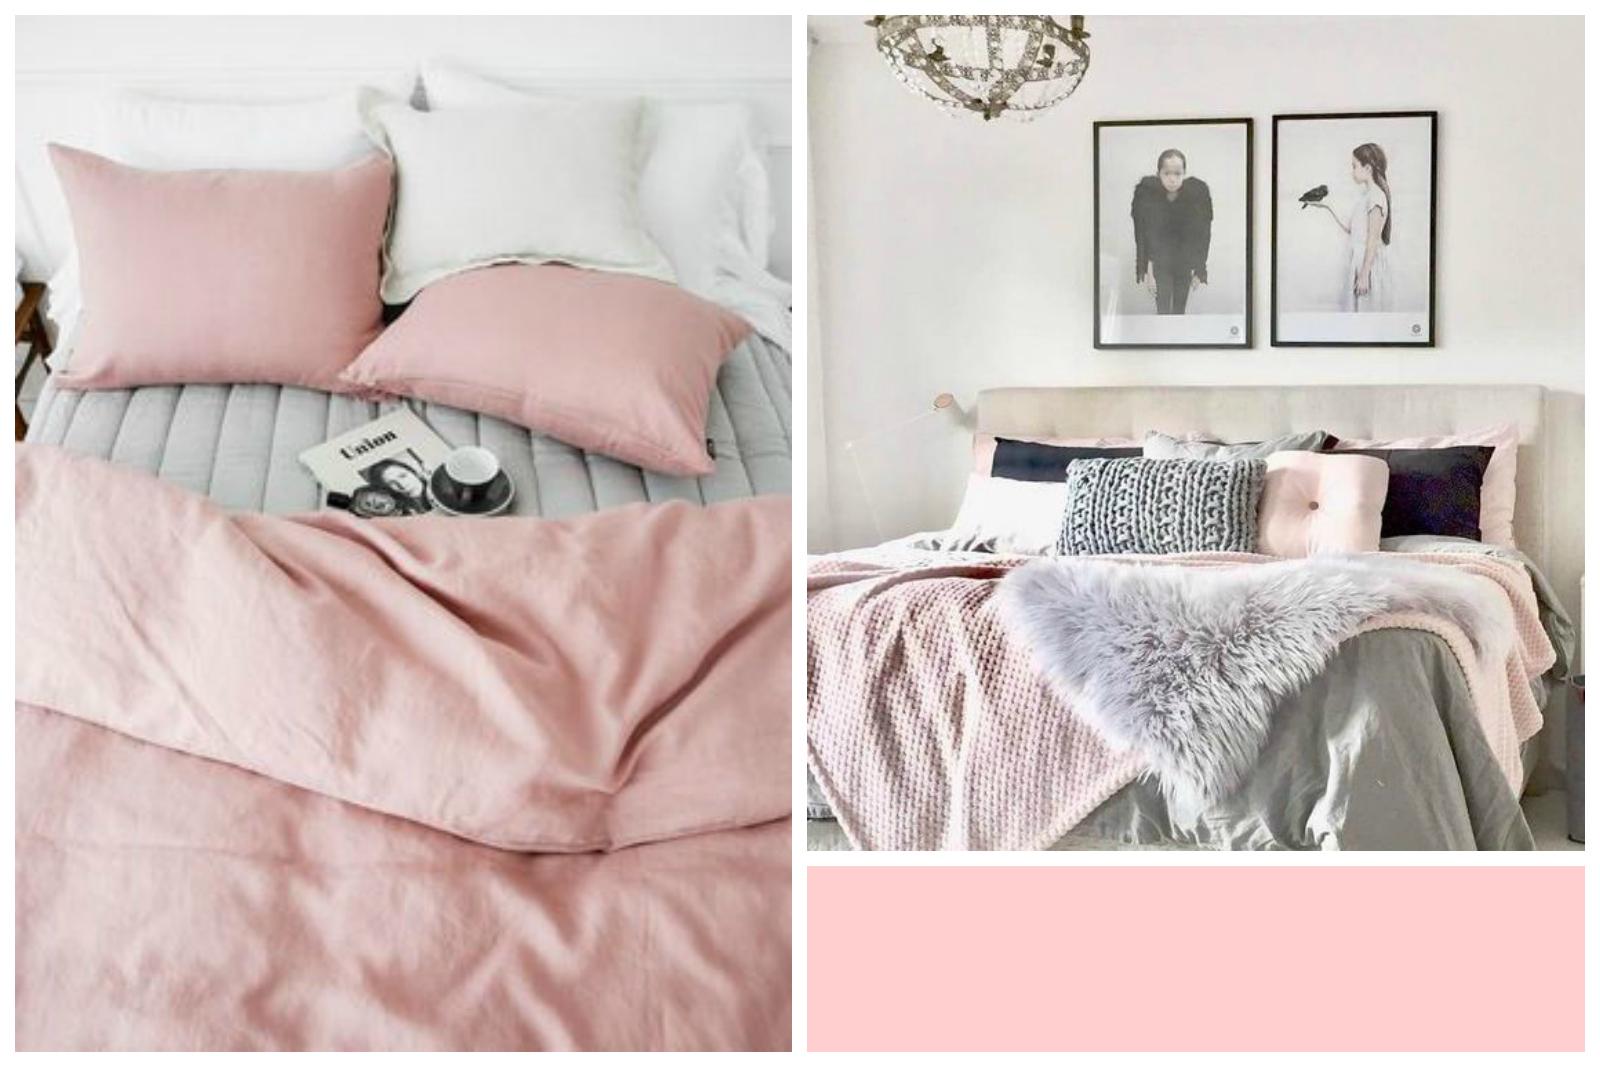 Como decorar una cama con cojines simple decorar la - Camas con cojines ...